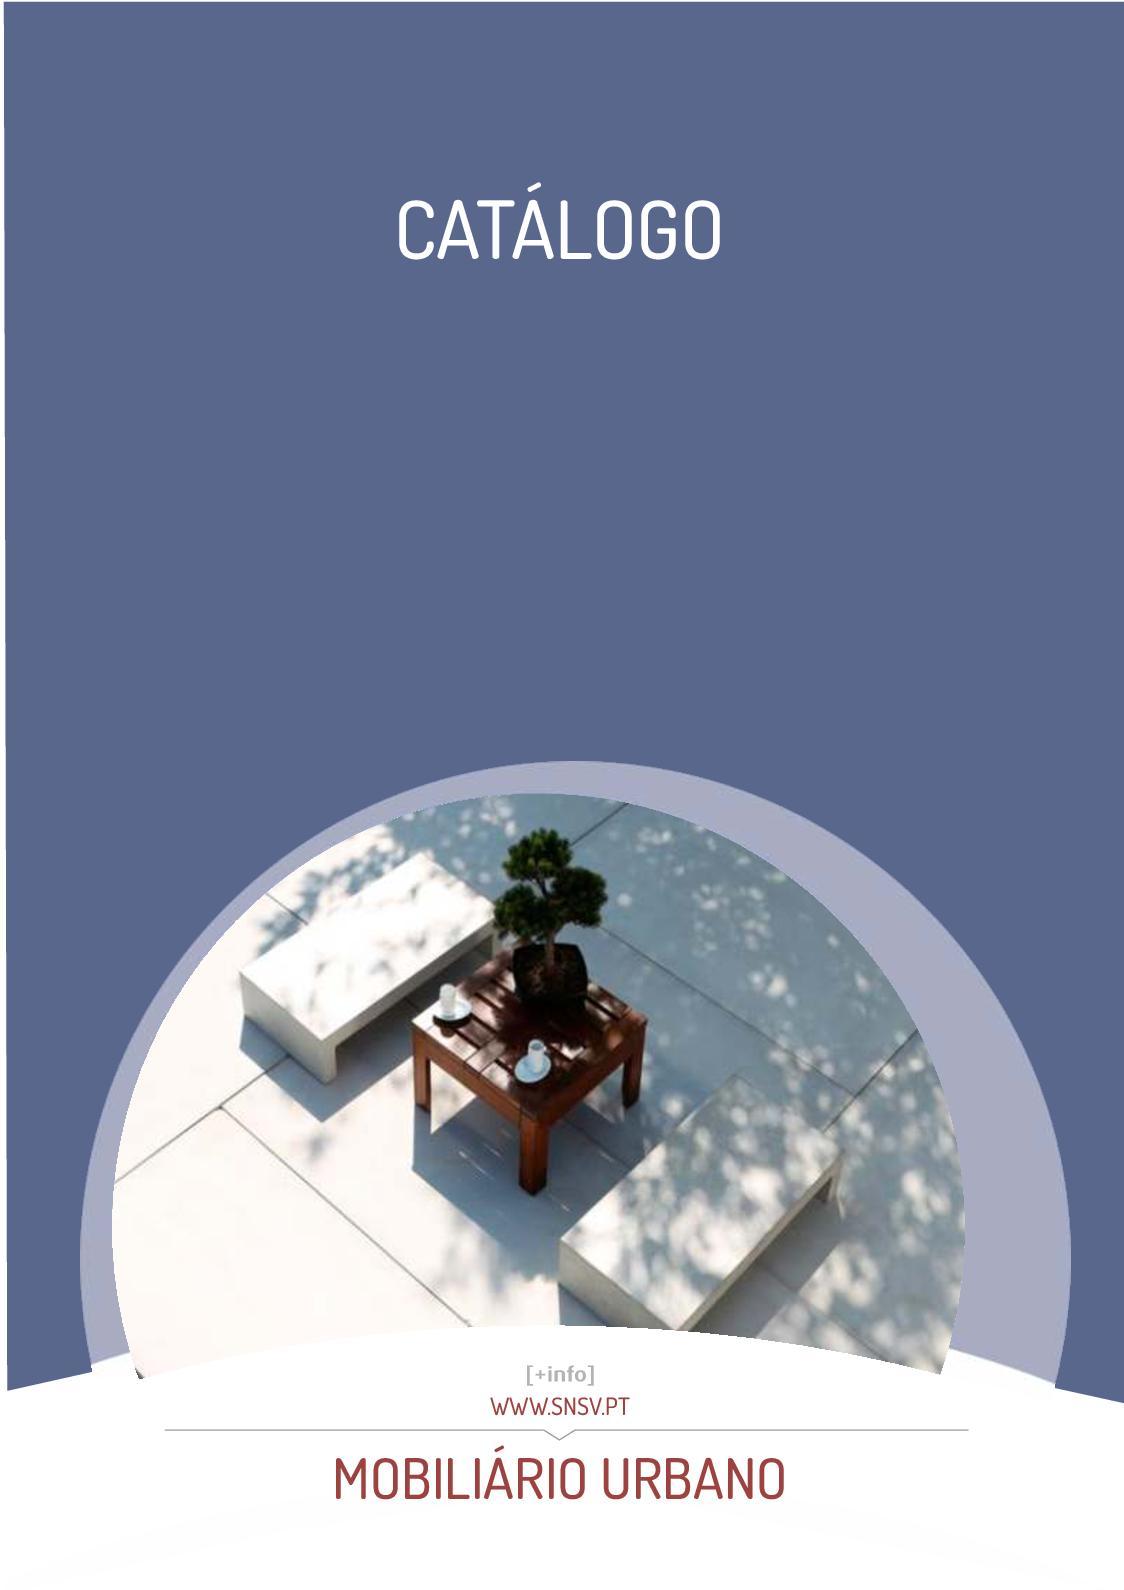 Catálogo de Mobiliário Urbano